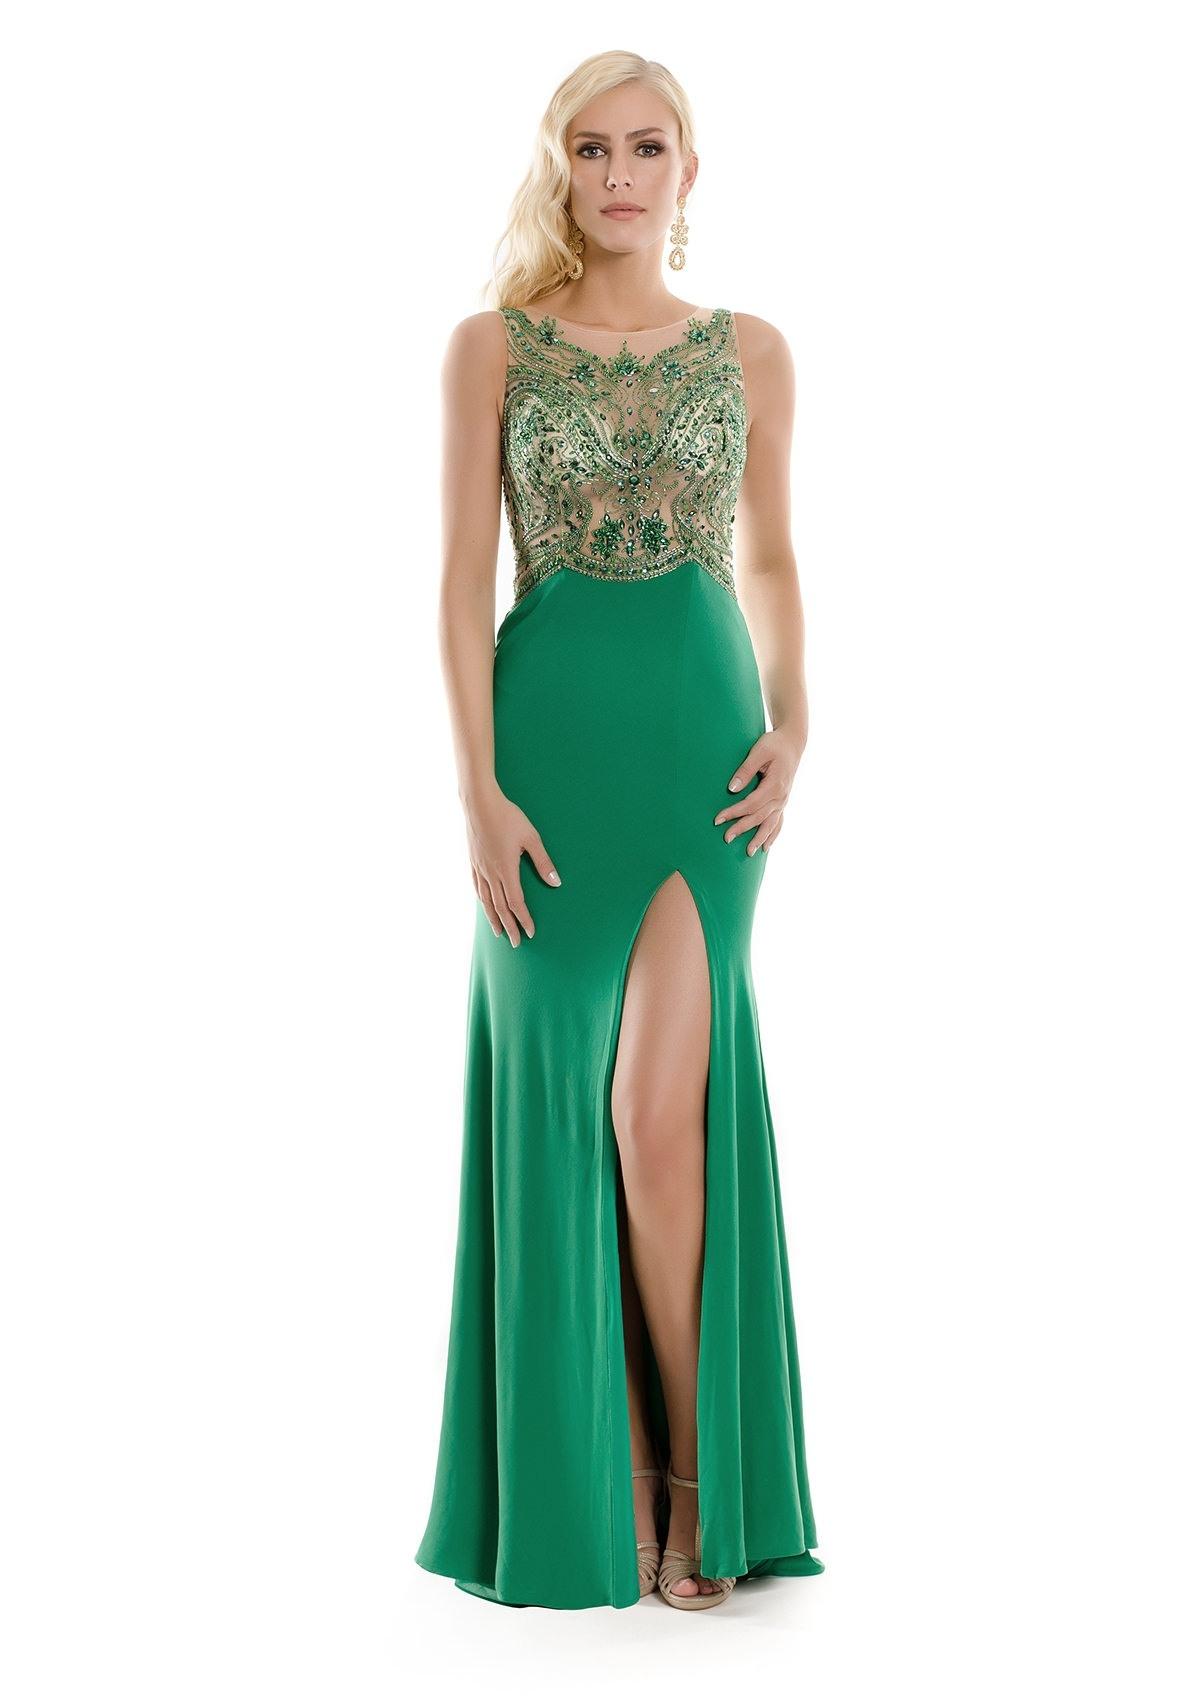 17 Schön Abendkleid Grün Boutique10 Erstaunlich Abendkleid Grün Stylish